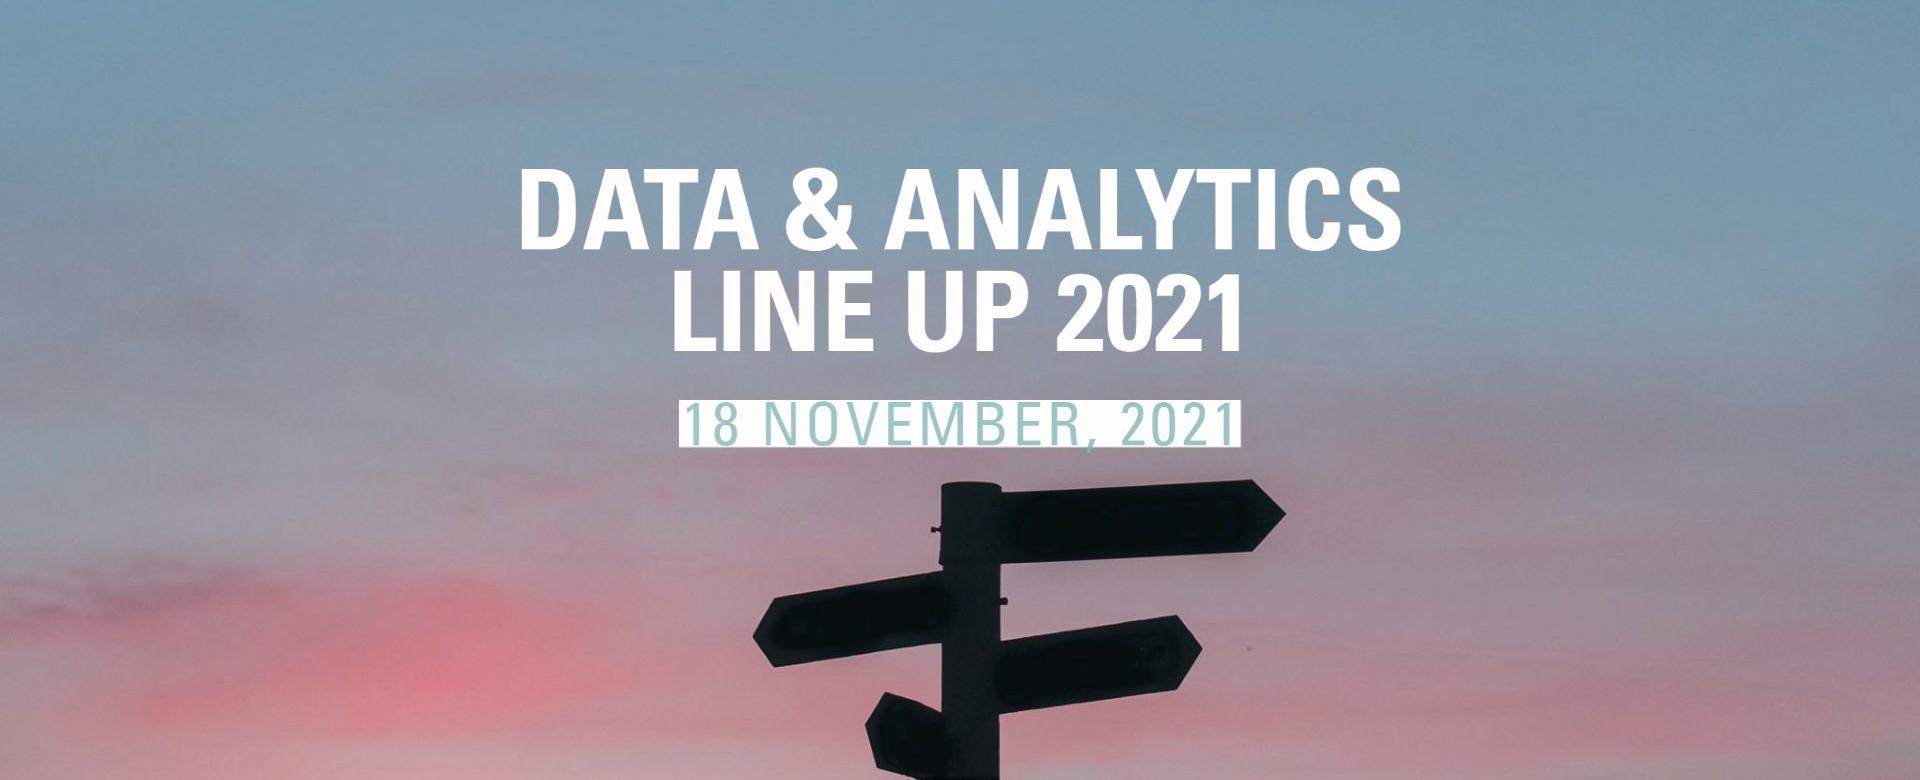 Data and Analytics line up